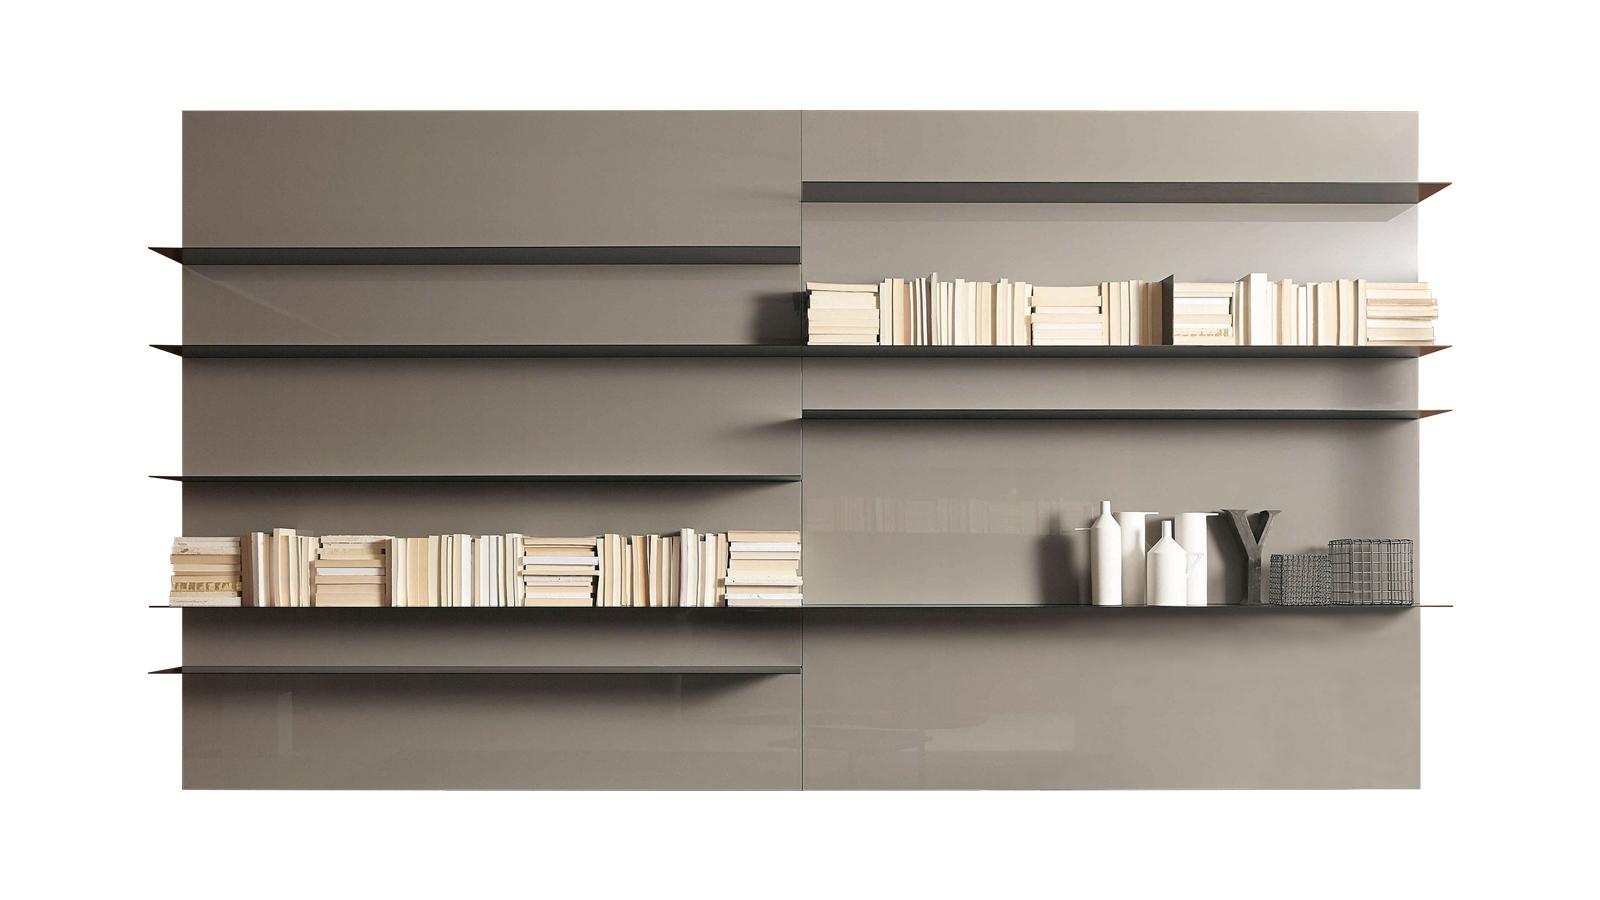 A Load-It egy rendkívül sokféleképpen variálható könyvespolcrendszer, ahol szinte minden elem egyedi igények szerint állhat össze egy egésszé. A rendszer alapja egyrészt a különböző modulokból összerakható hátfalpanel-rendszer, másrészt az ultravékony, L-alakú acélpolcok sora, melyek 100 és 200 cm-es méretben rendelhetők, és egyedileg szabhatók. A polcok acél, bronz, fehér, szürke és antik vörös színben, a hátfalpanelek és a sínrendszerbe illeszthető egyéb tárolóelemek is többféle anyag- és színválasztékban érhetők el.